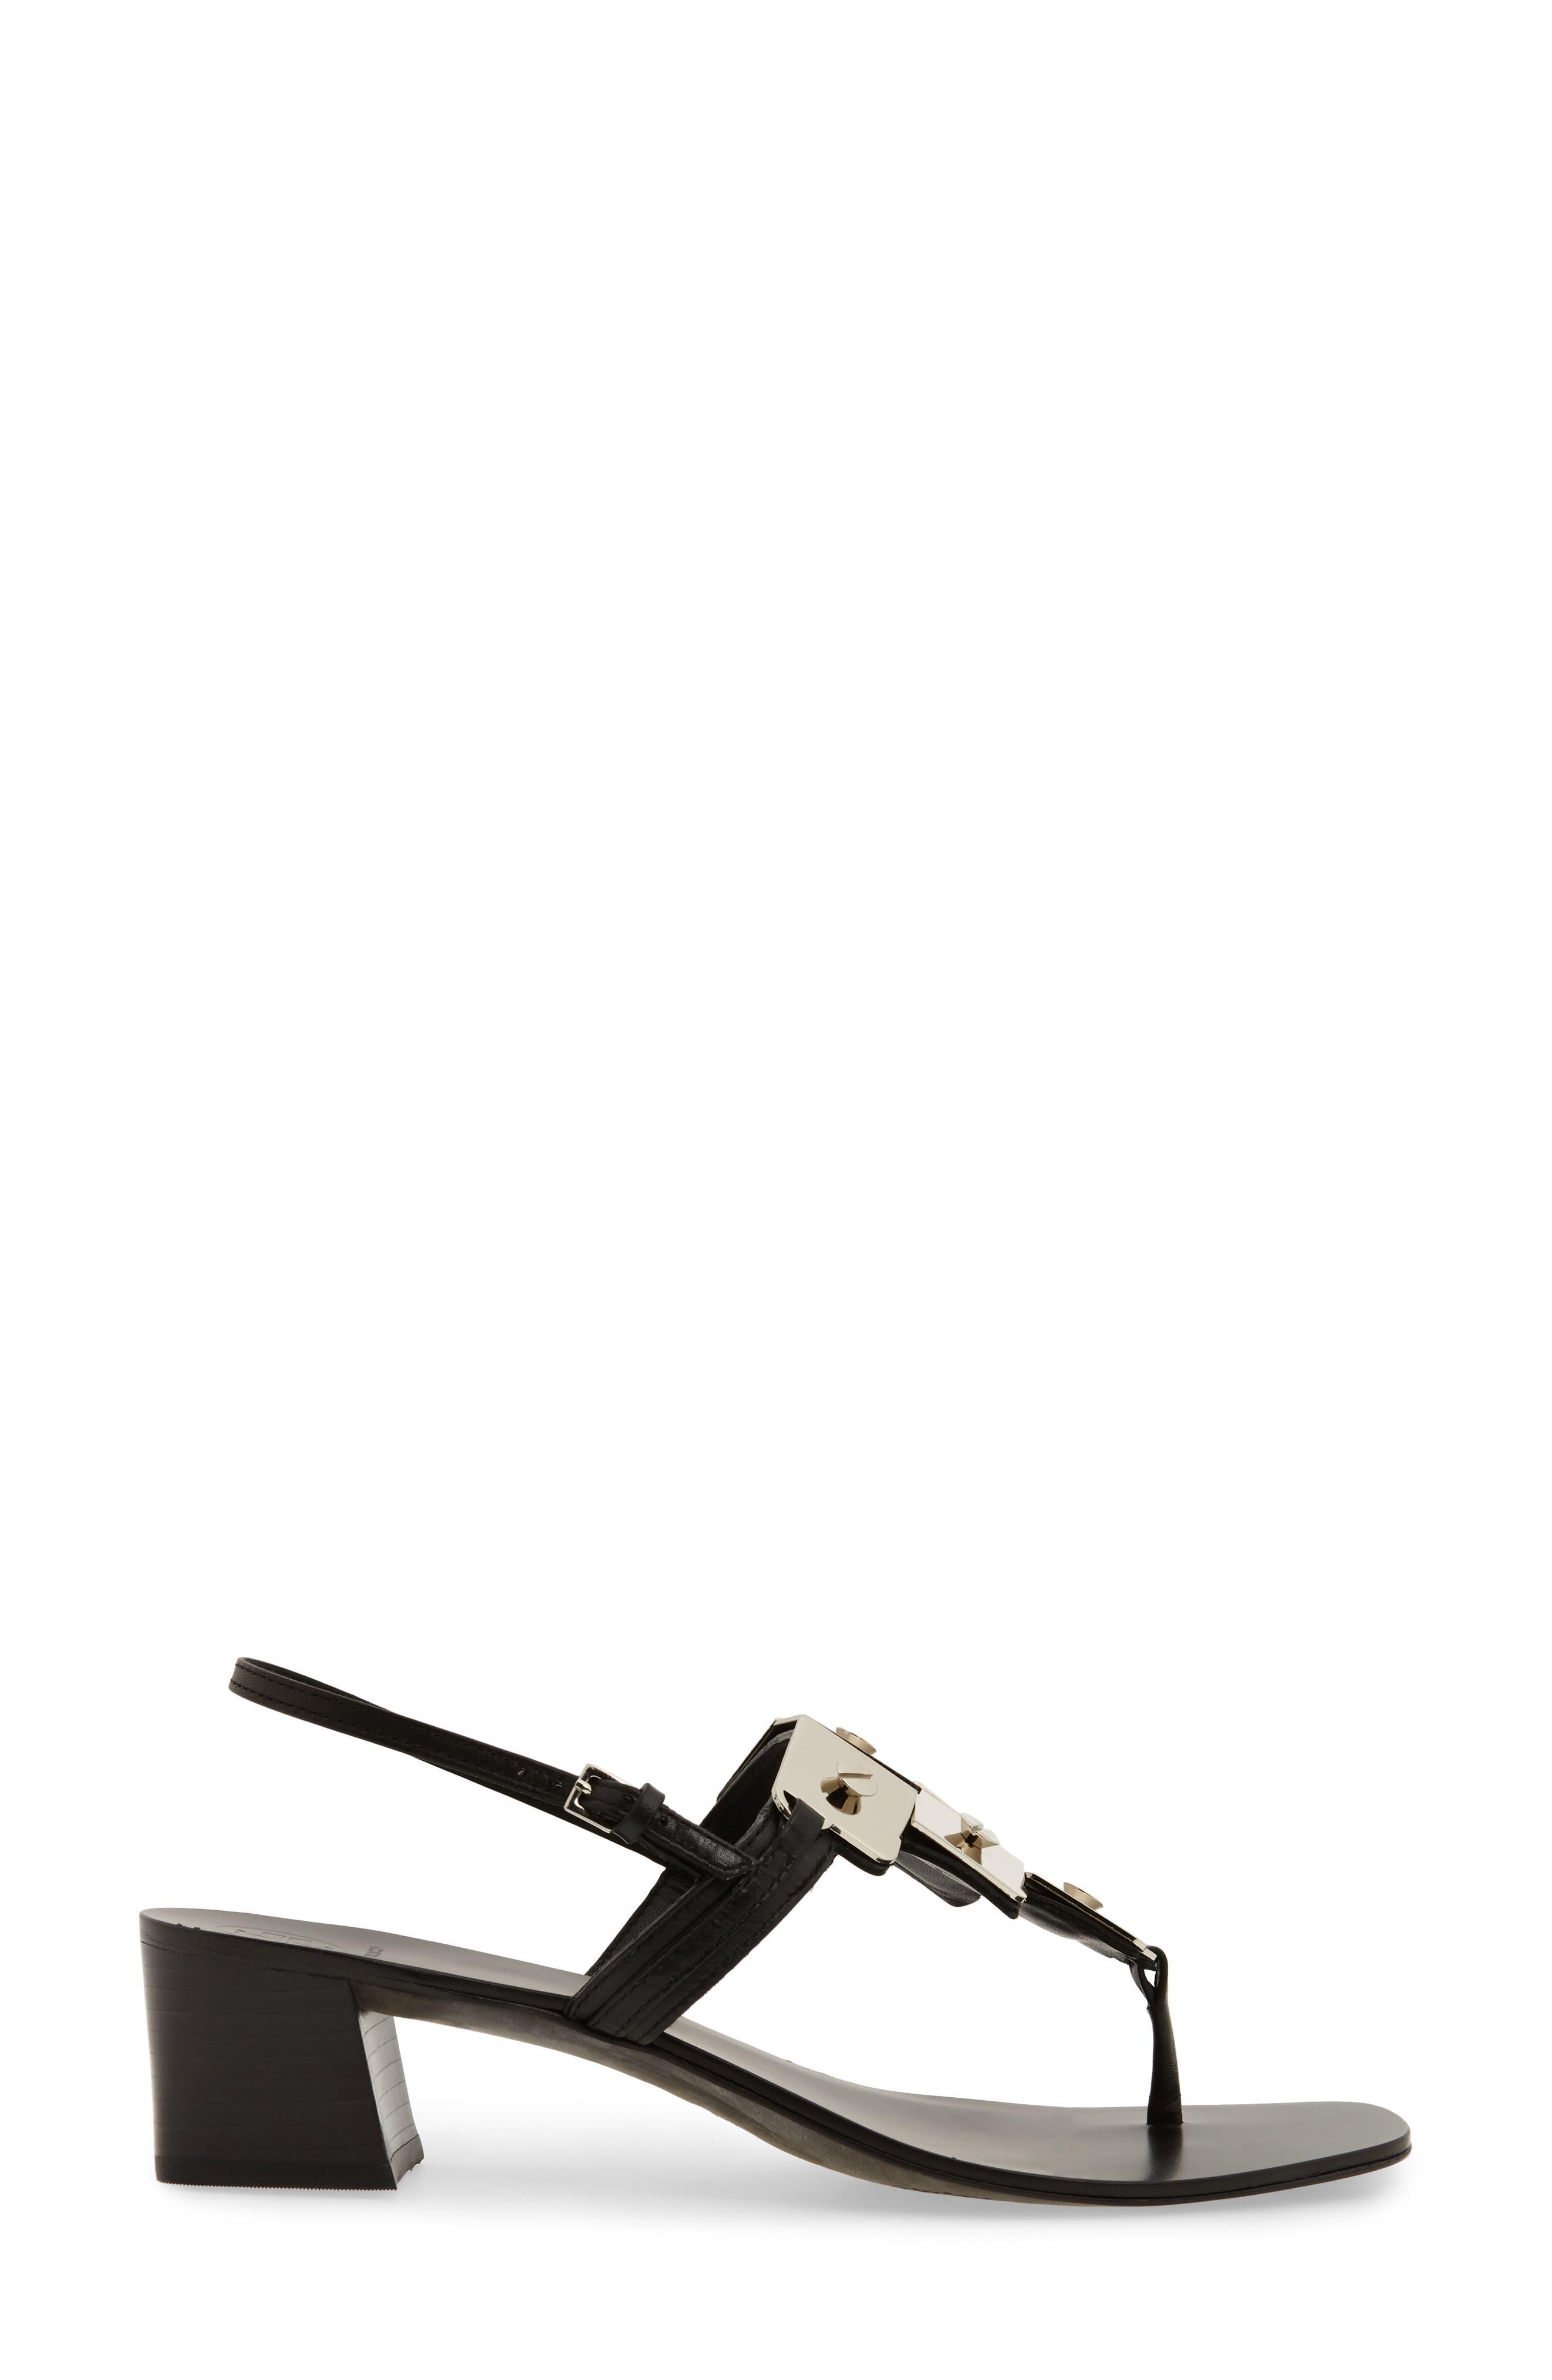 Thompson Sandal,                             Alternate thumbnail 3, color,                             Perfect Black